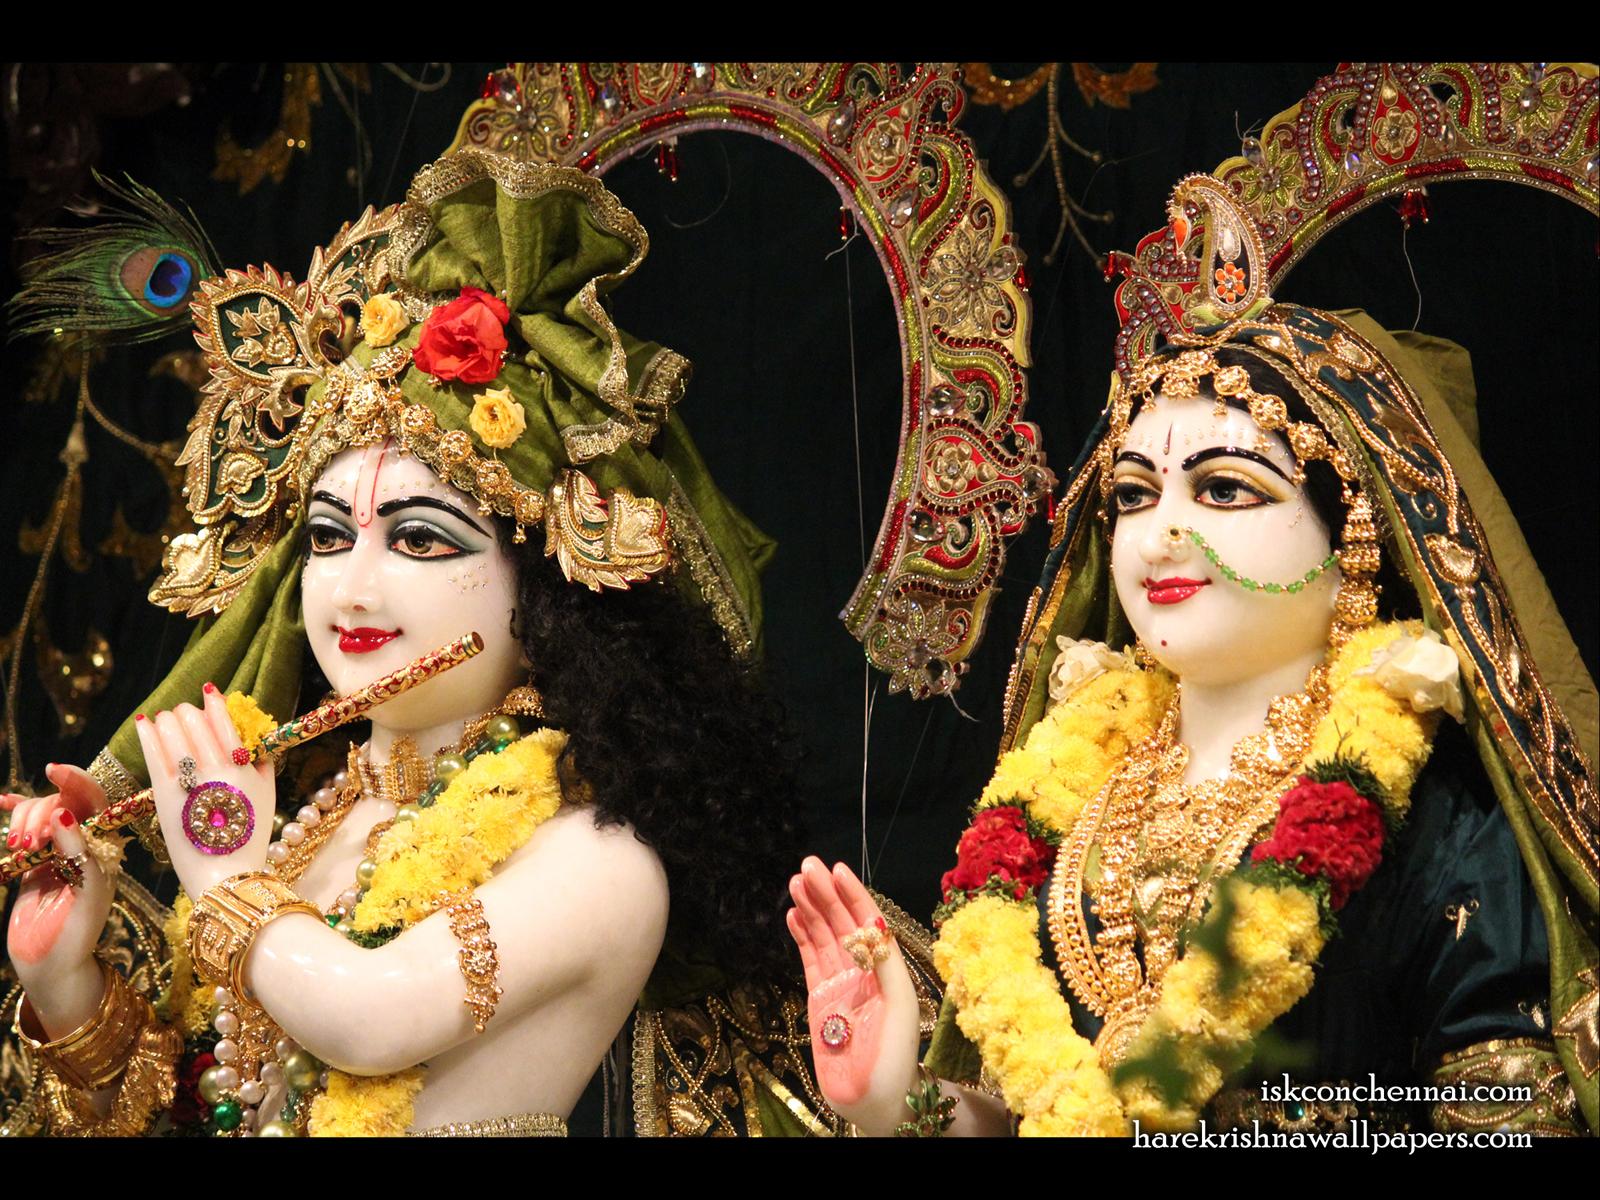 Sri Sri Radha Krishna Close up Wallpaper (004) Size1600x1200 Download